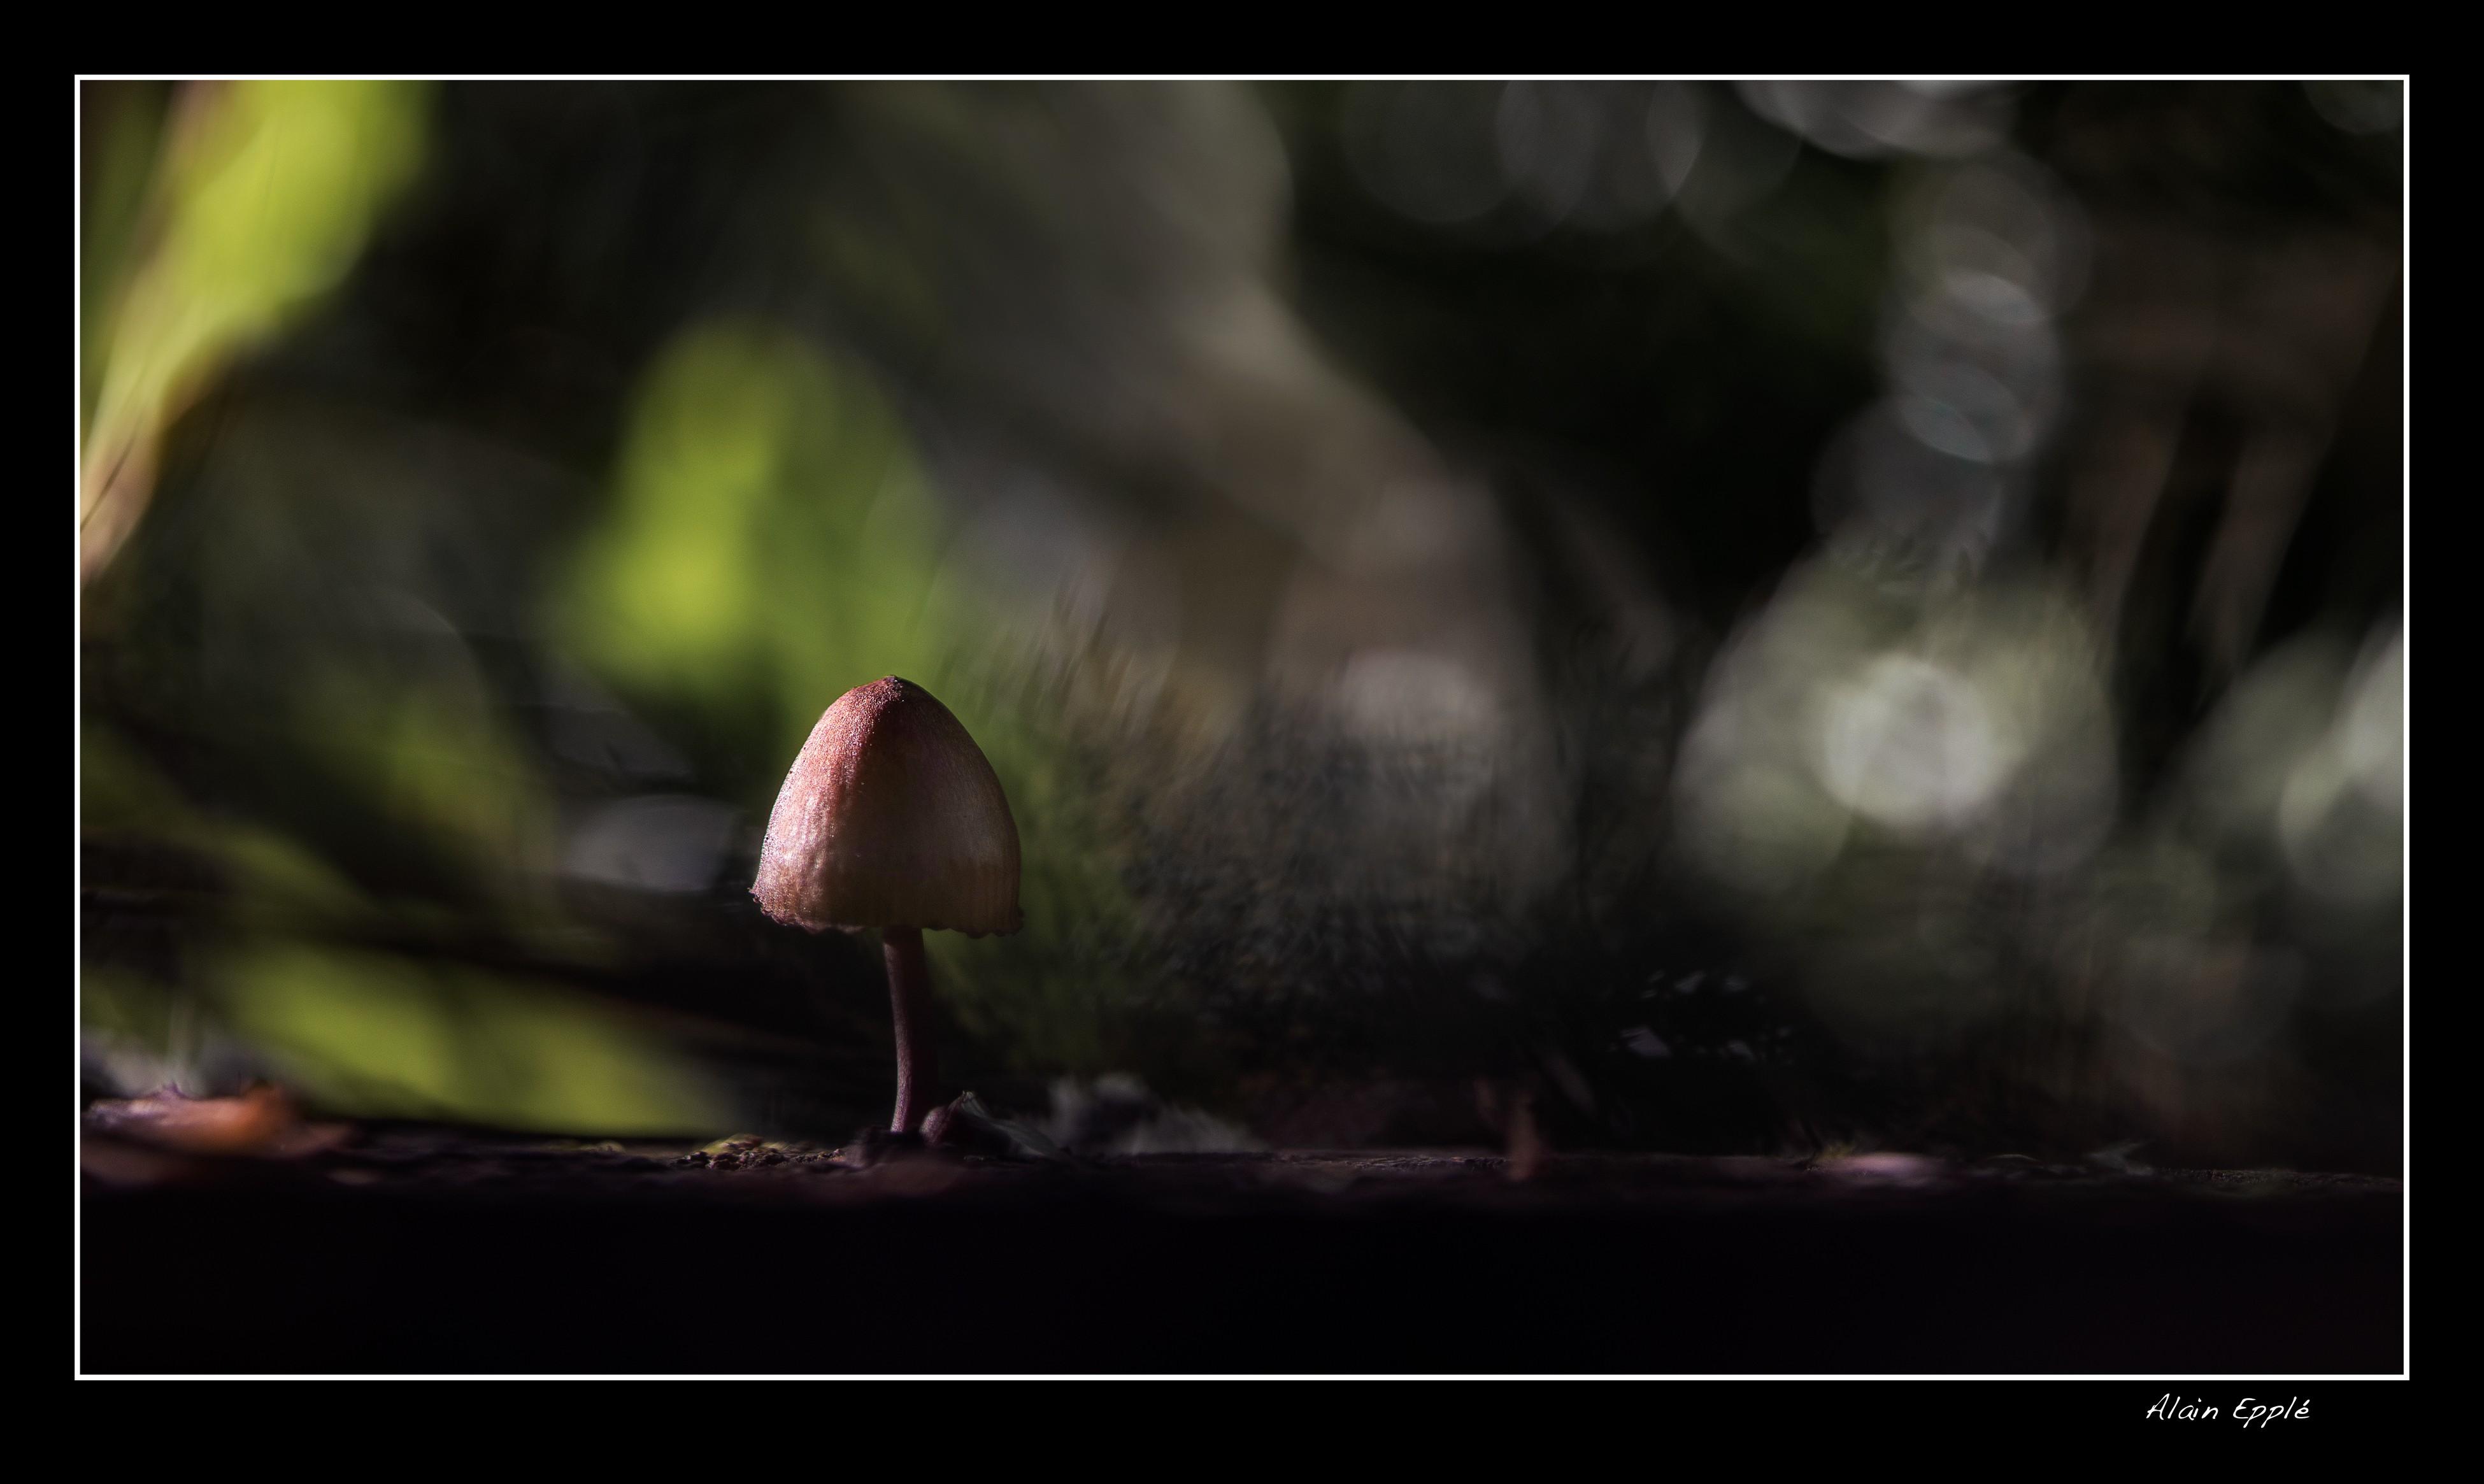 Sous les aurores boréales - MC15